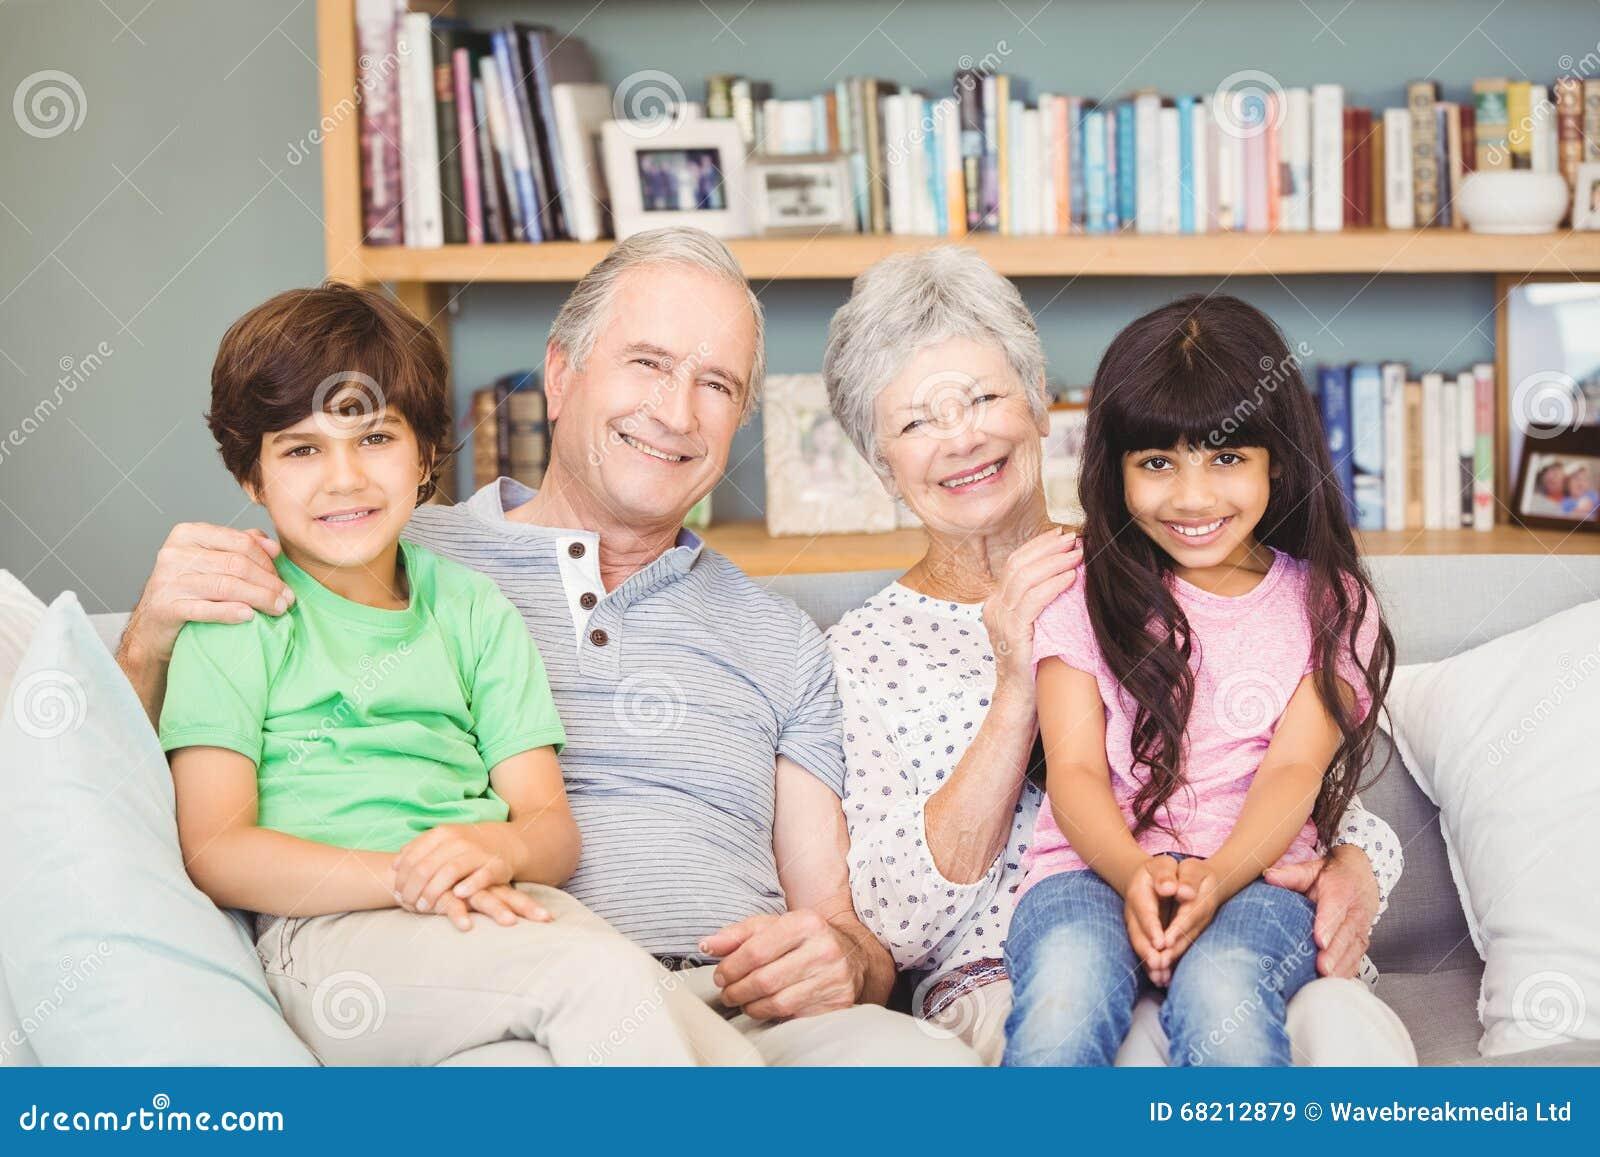 Portret van kleinkinderen met grootouders thuis